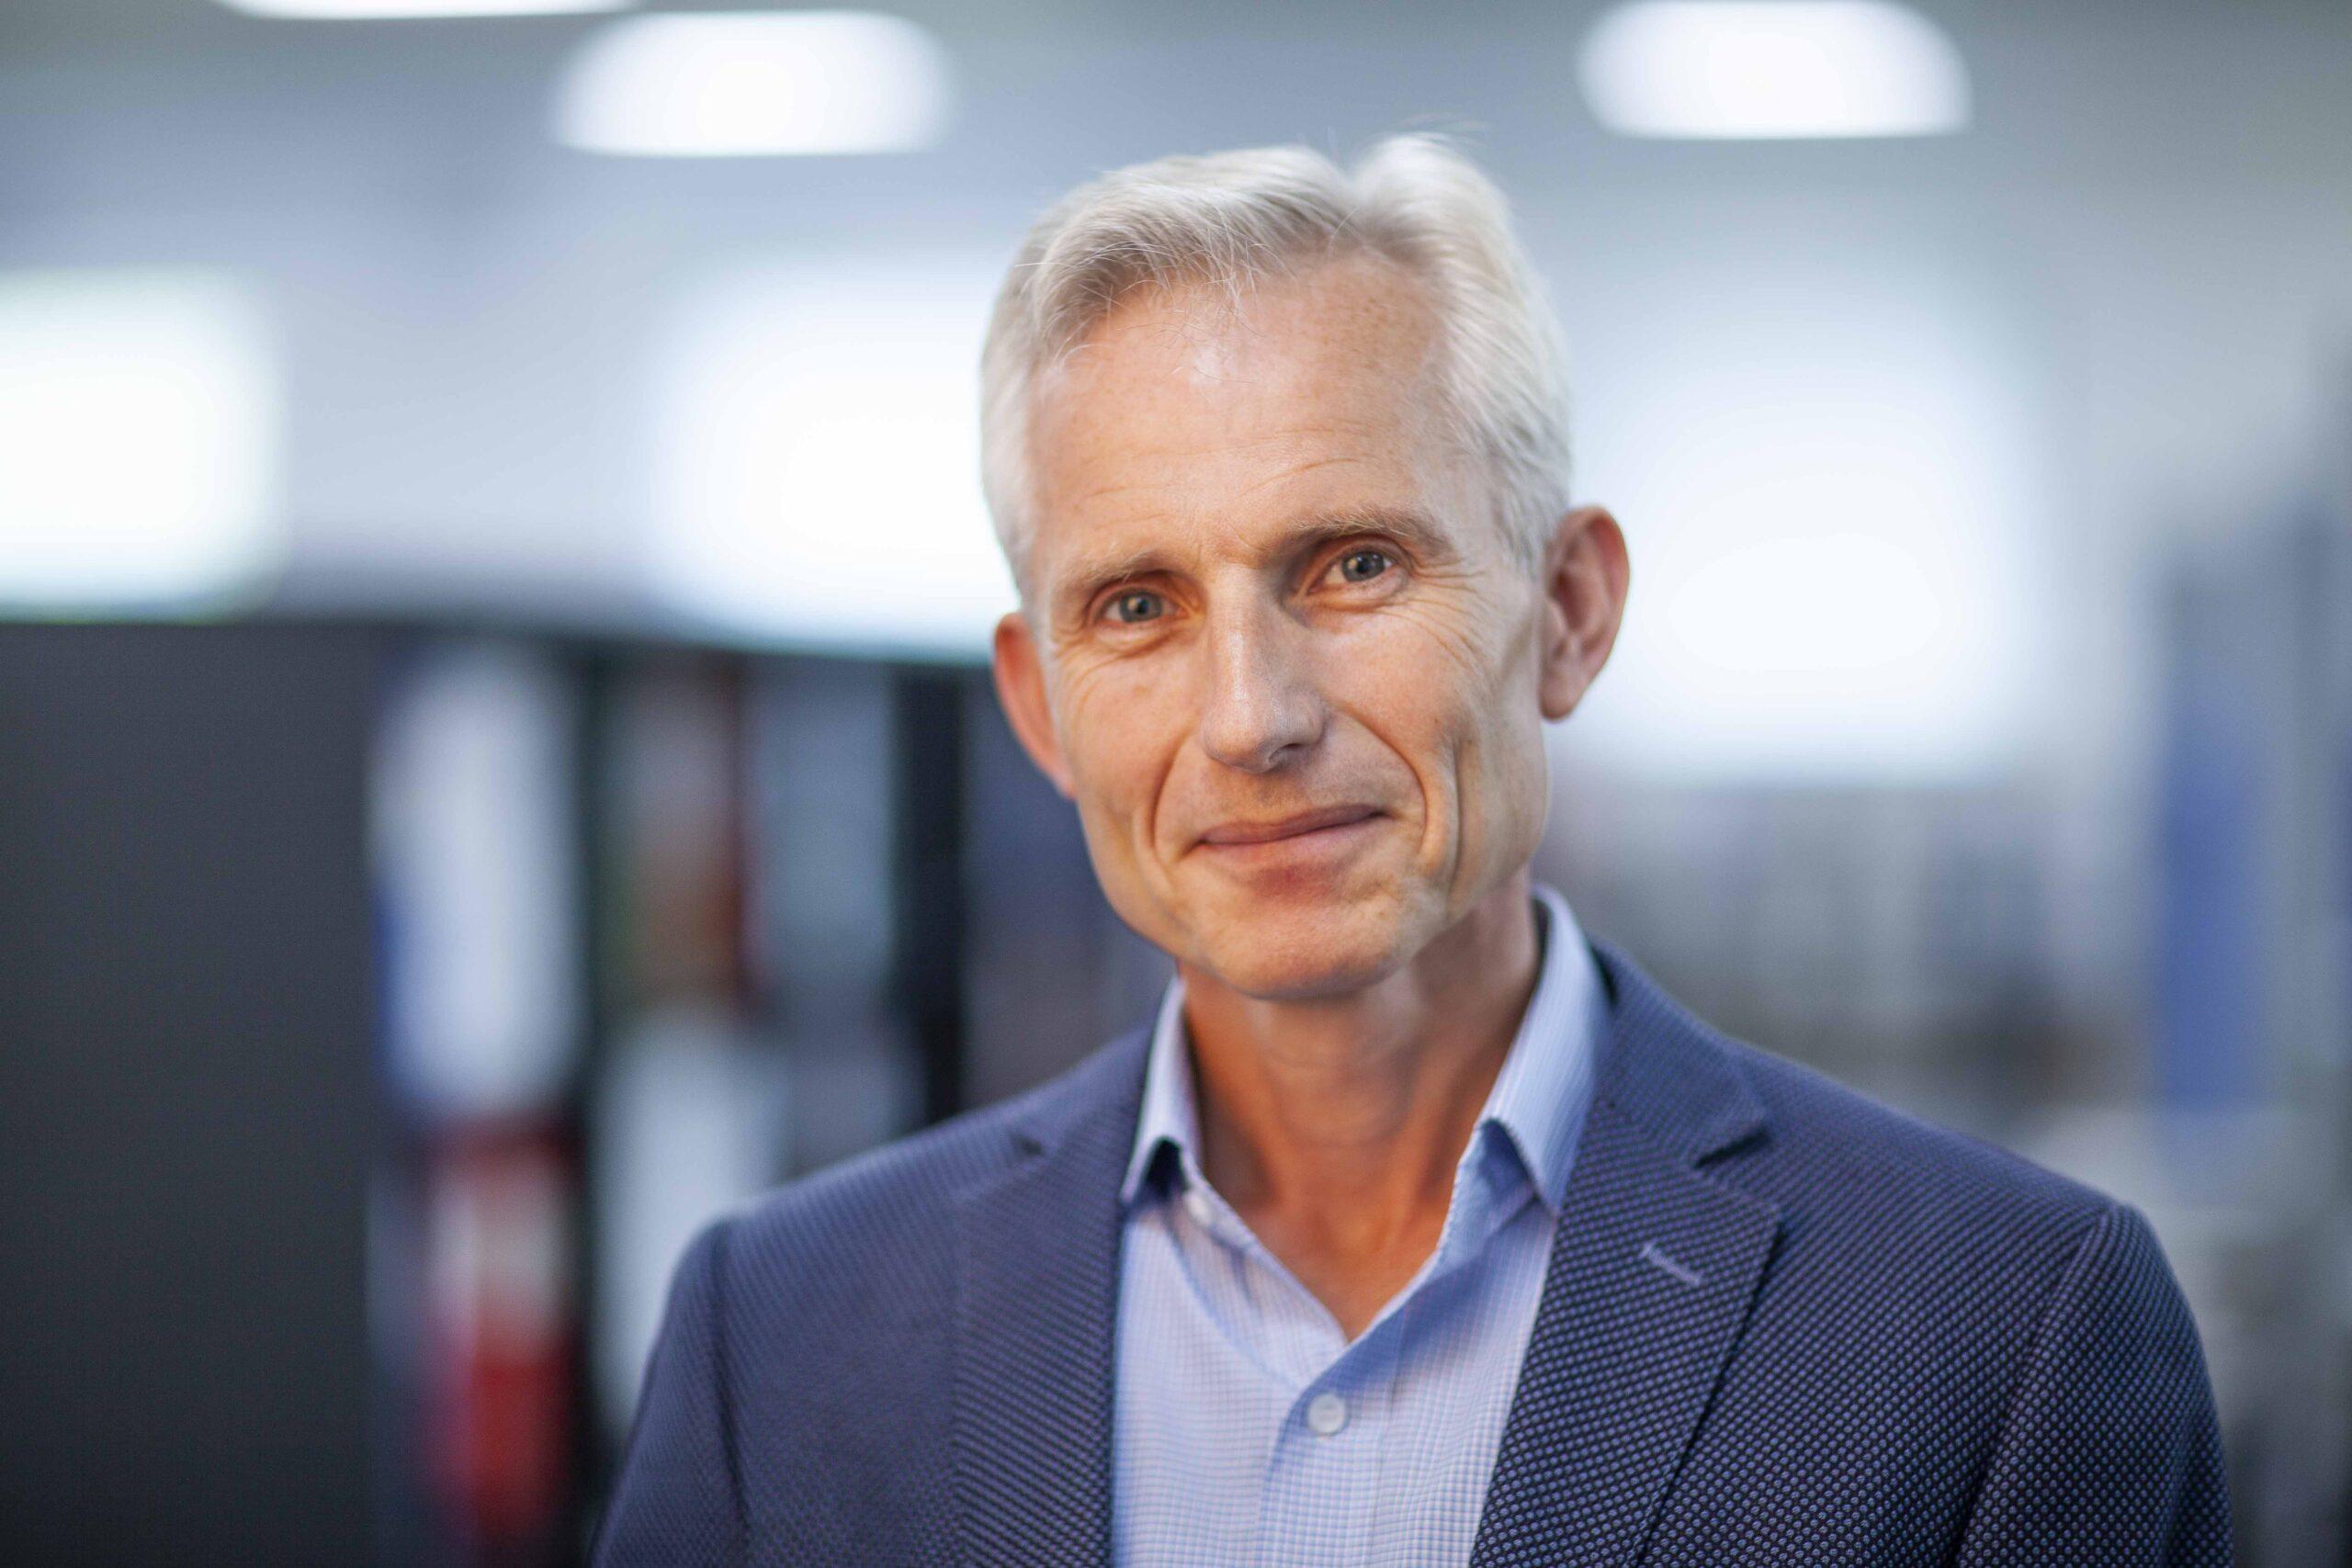 Jan Flemming Jørgensen (JFJ)